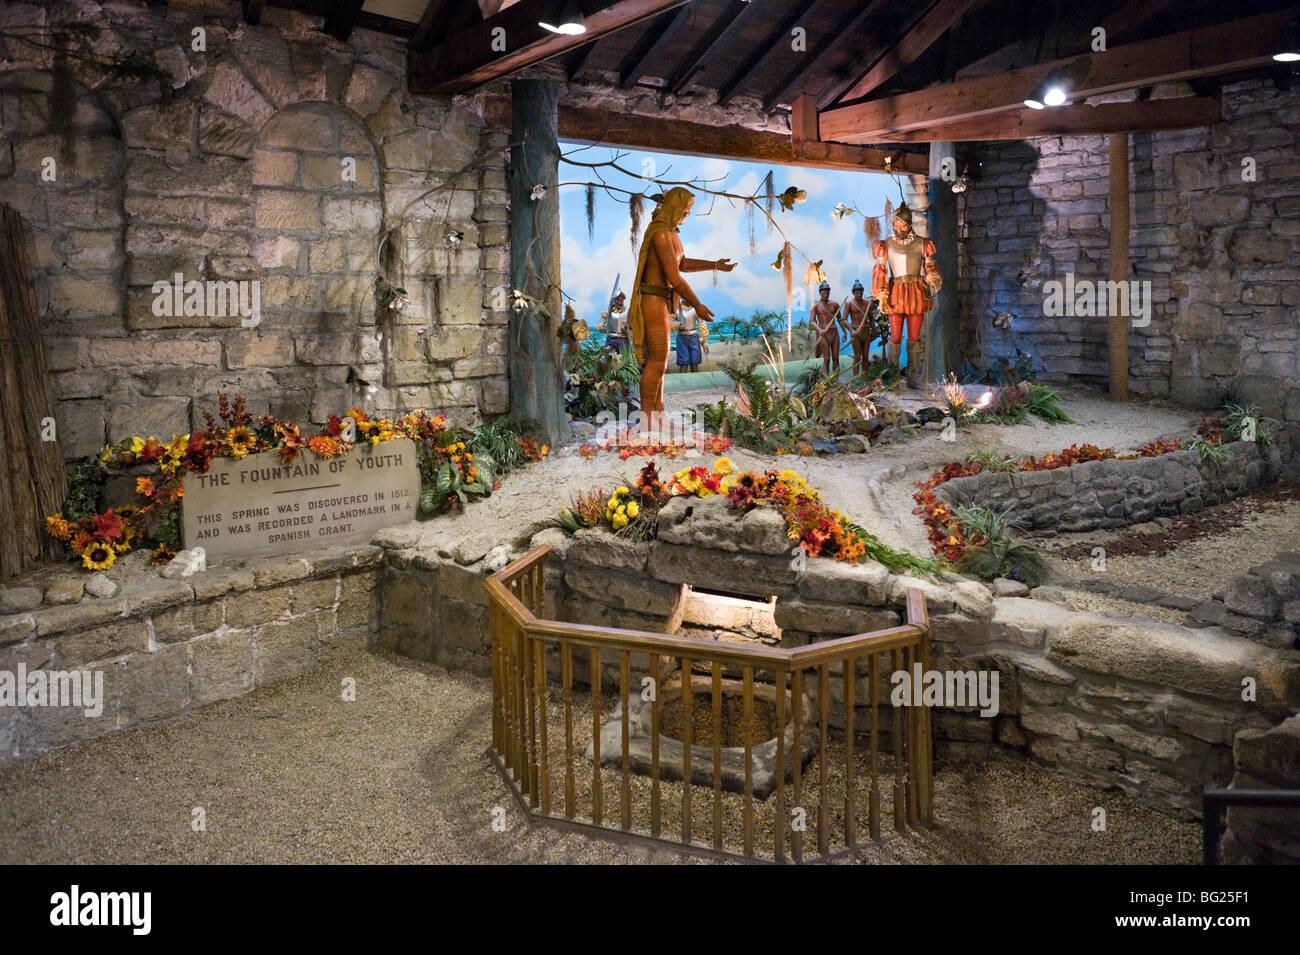 La fontaine de jouvence avec un diorama de soldats espagnols et indiens autochtones derrière, St Augustine, Photo Stock